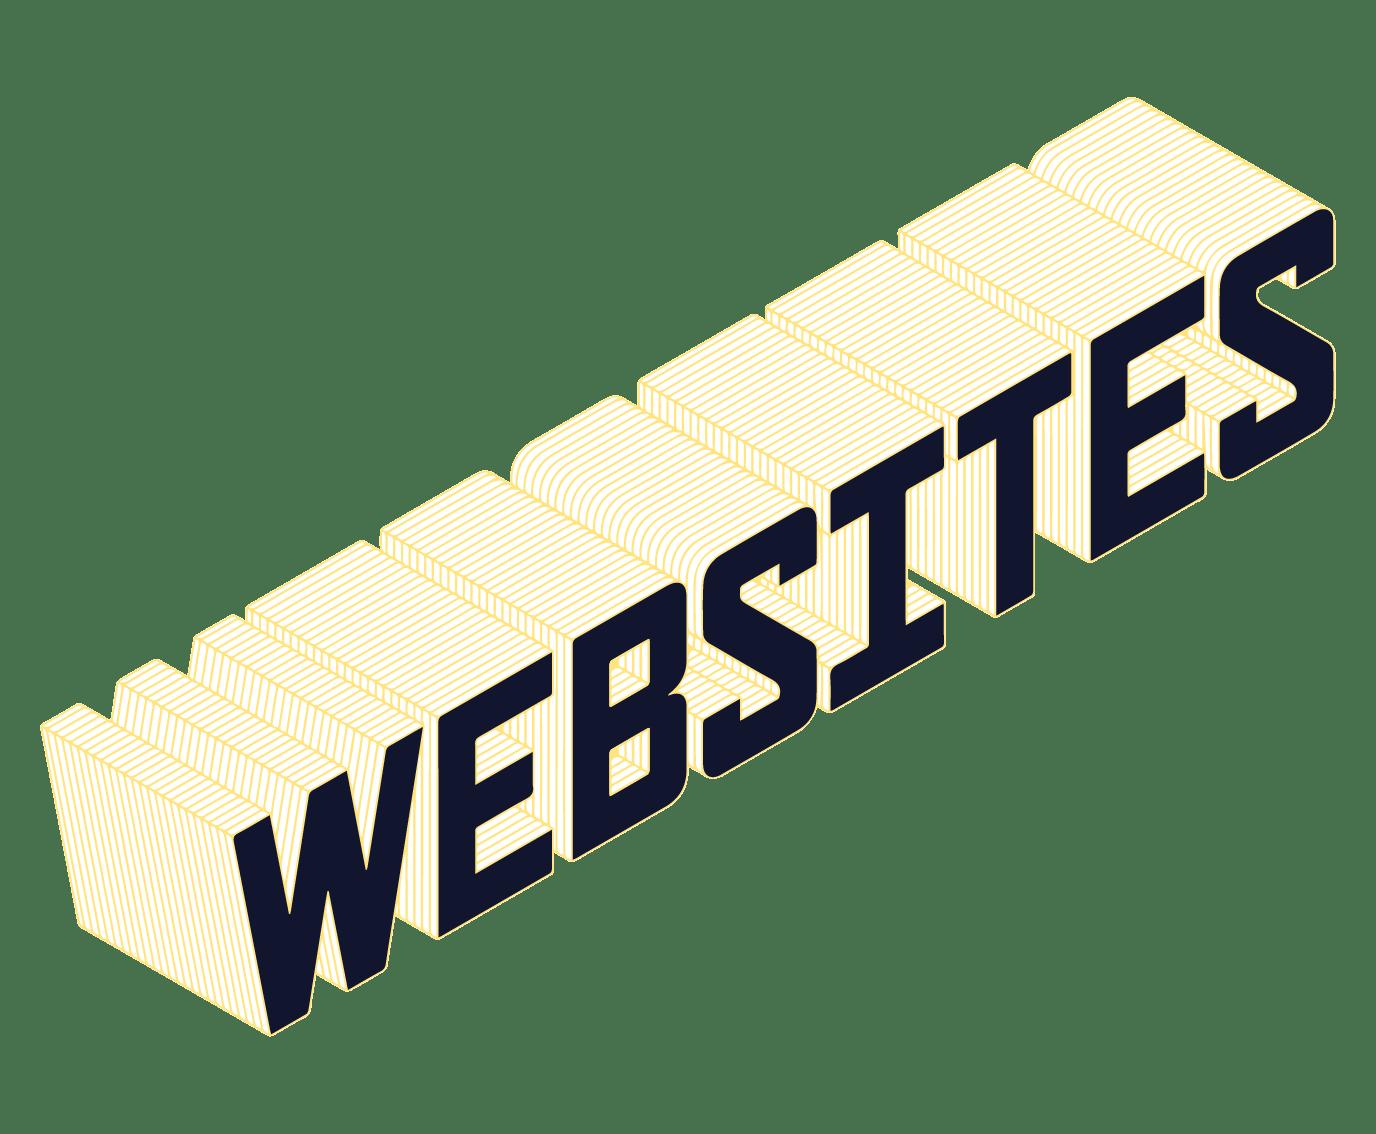 Websites-min.png